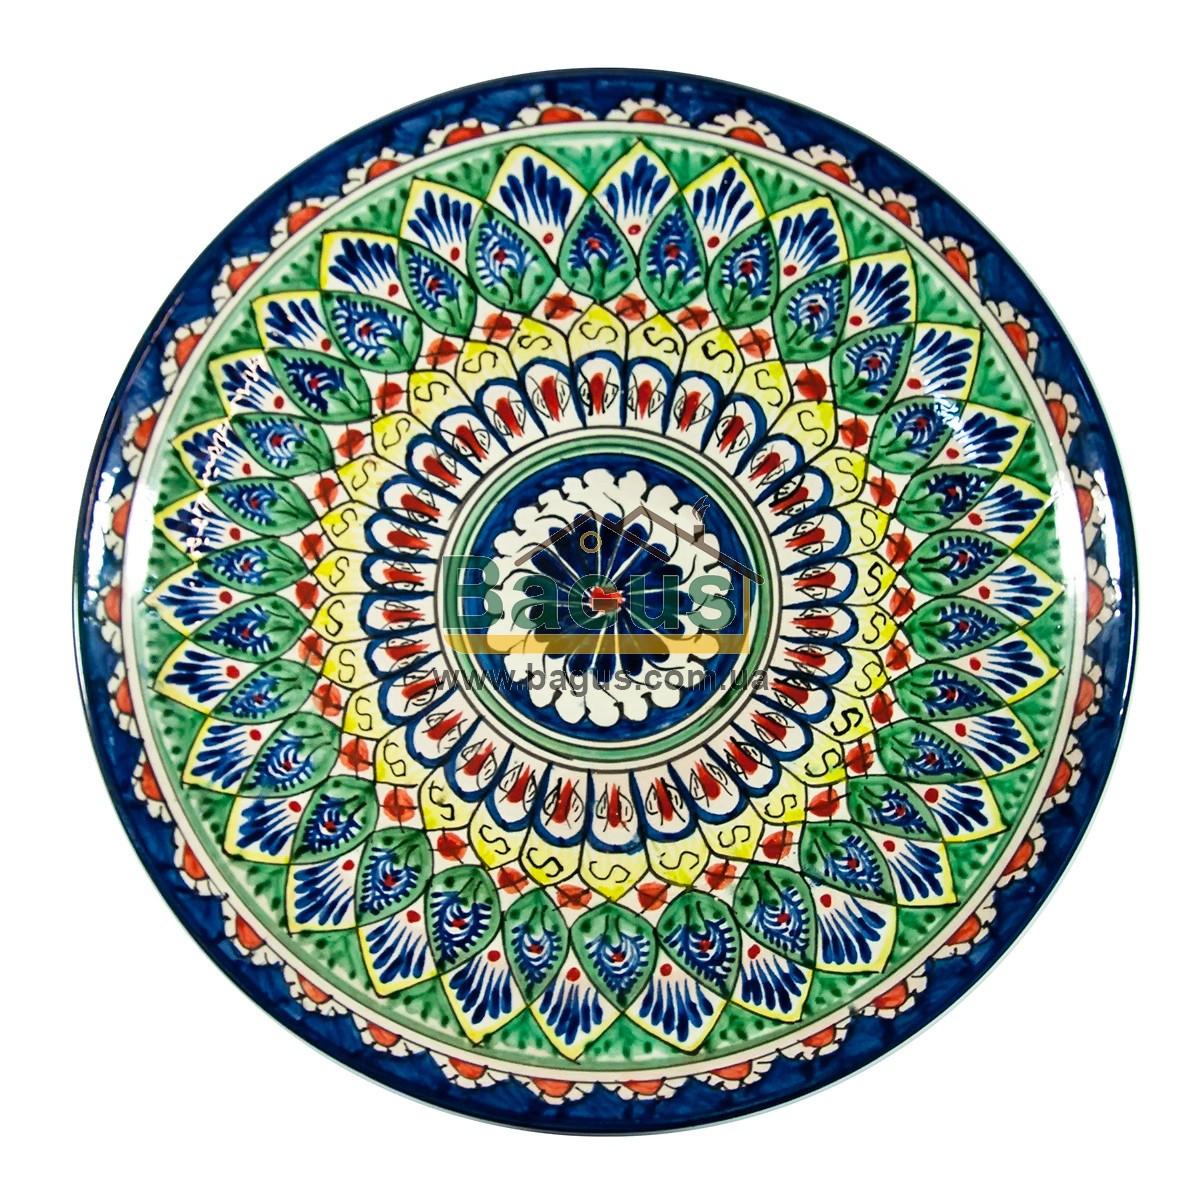 Ляган узбецький (тарілка узбецька) діаметр 32см ручна робота 3204-05